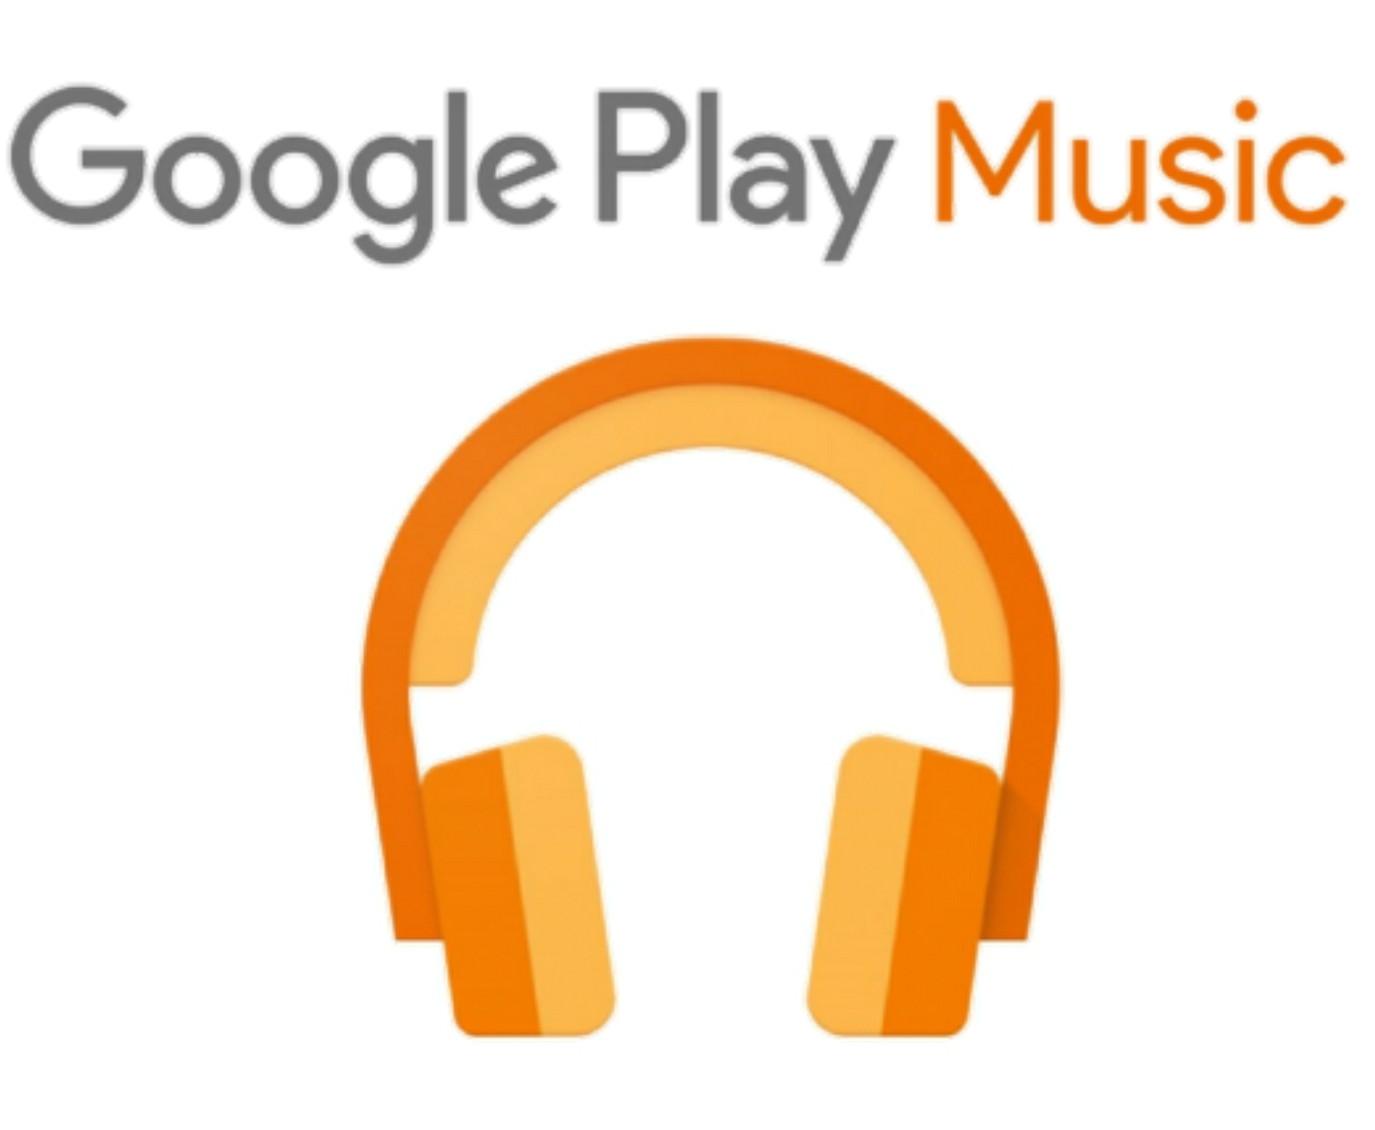 Cara mengisi lagu di hp,cara menambahkan lagu ke google play